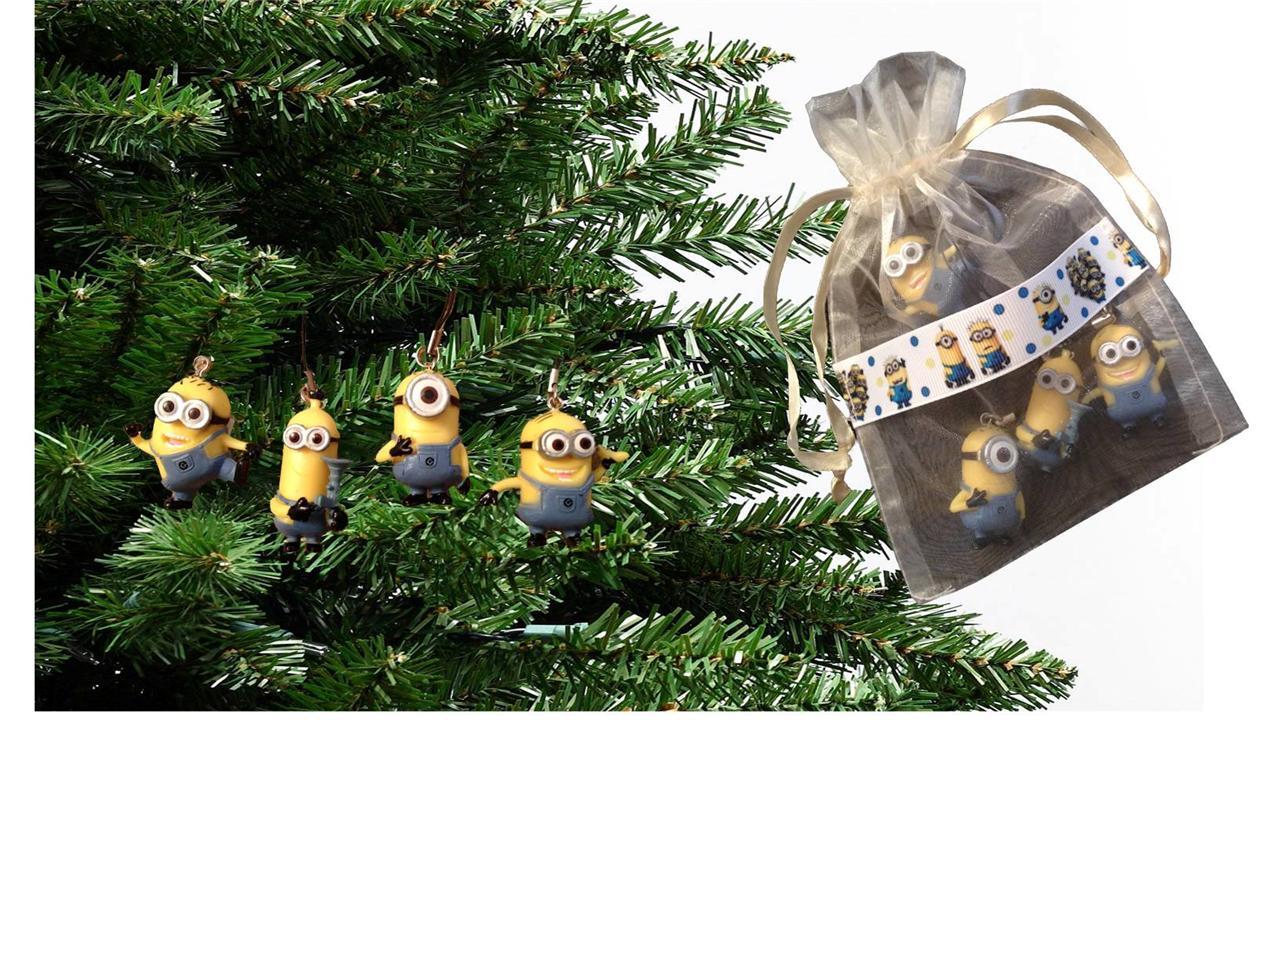 Despicable Me Minion Ornament